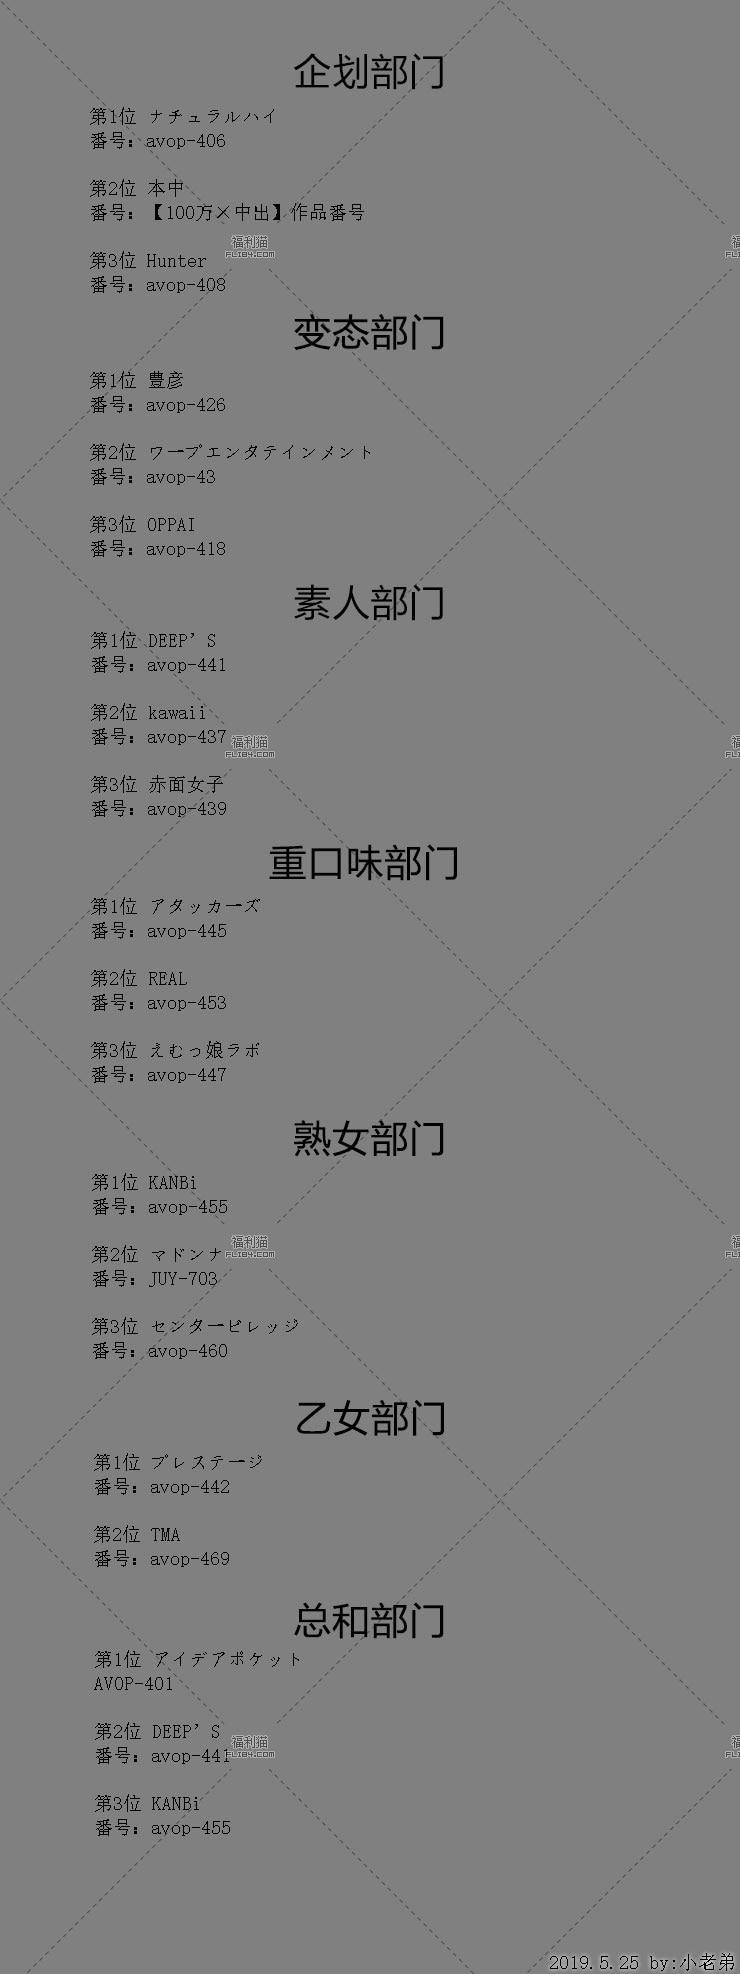 推迟6个月的AV_OPEN_2018得奖名单出炉!声优艺人优月心菜横扫四后冠!